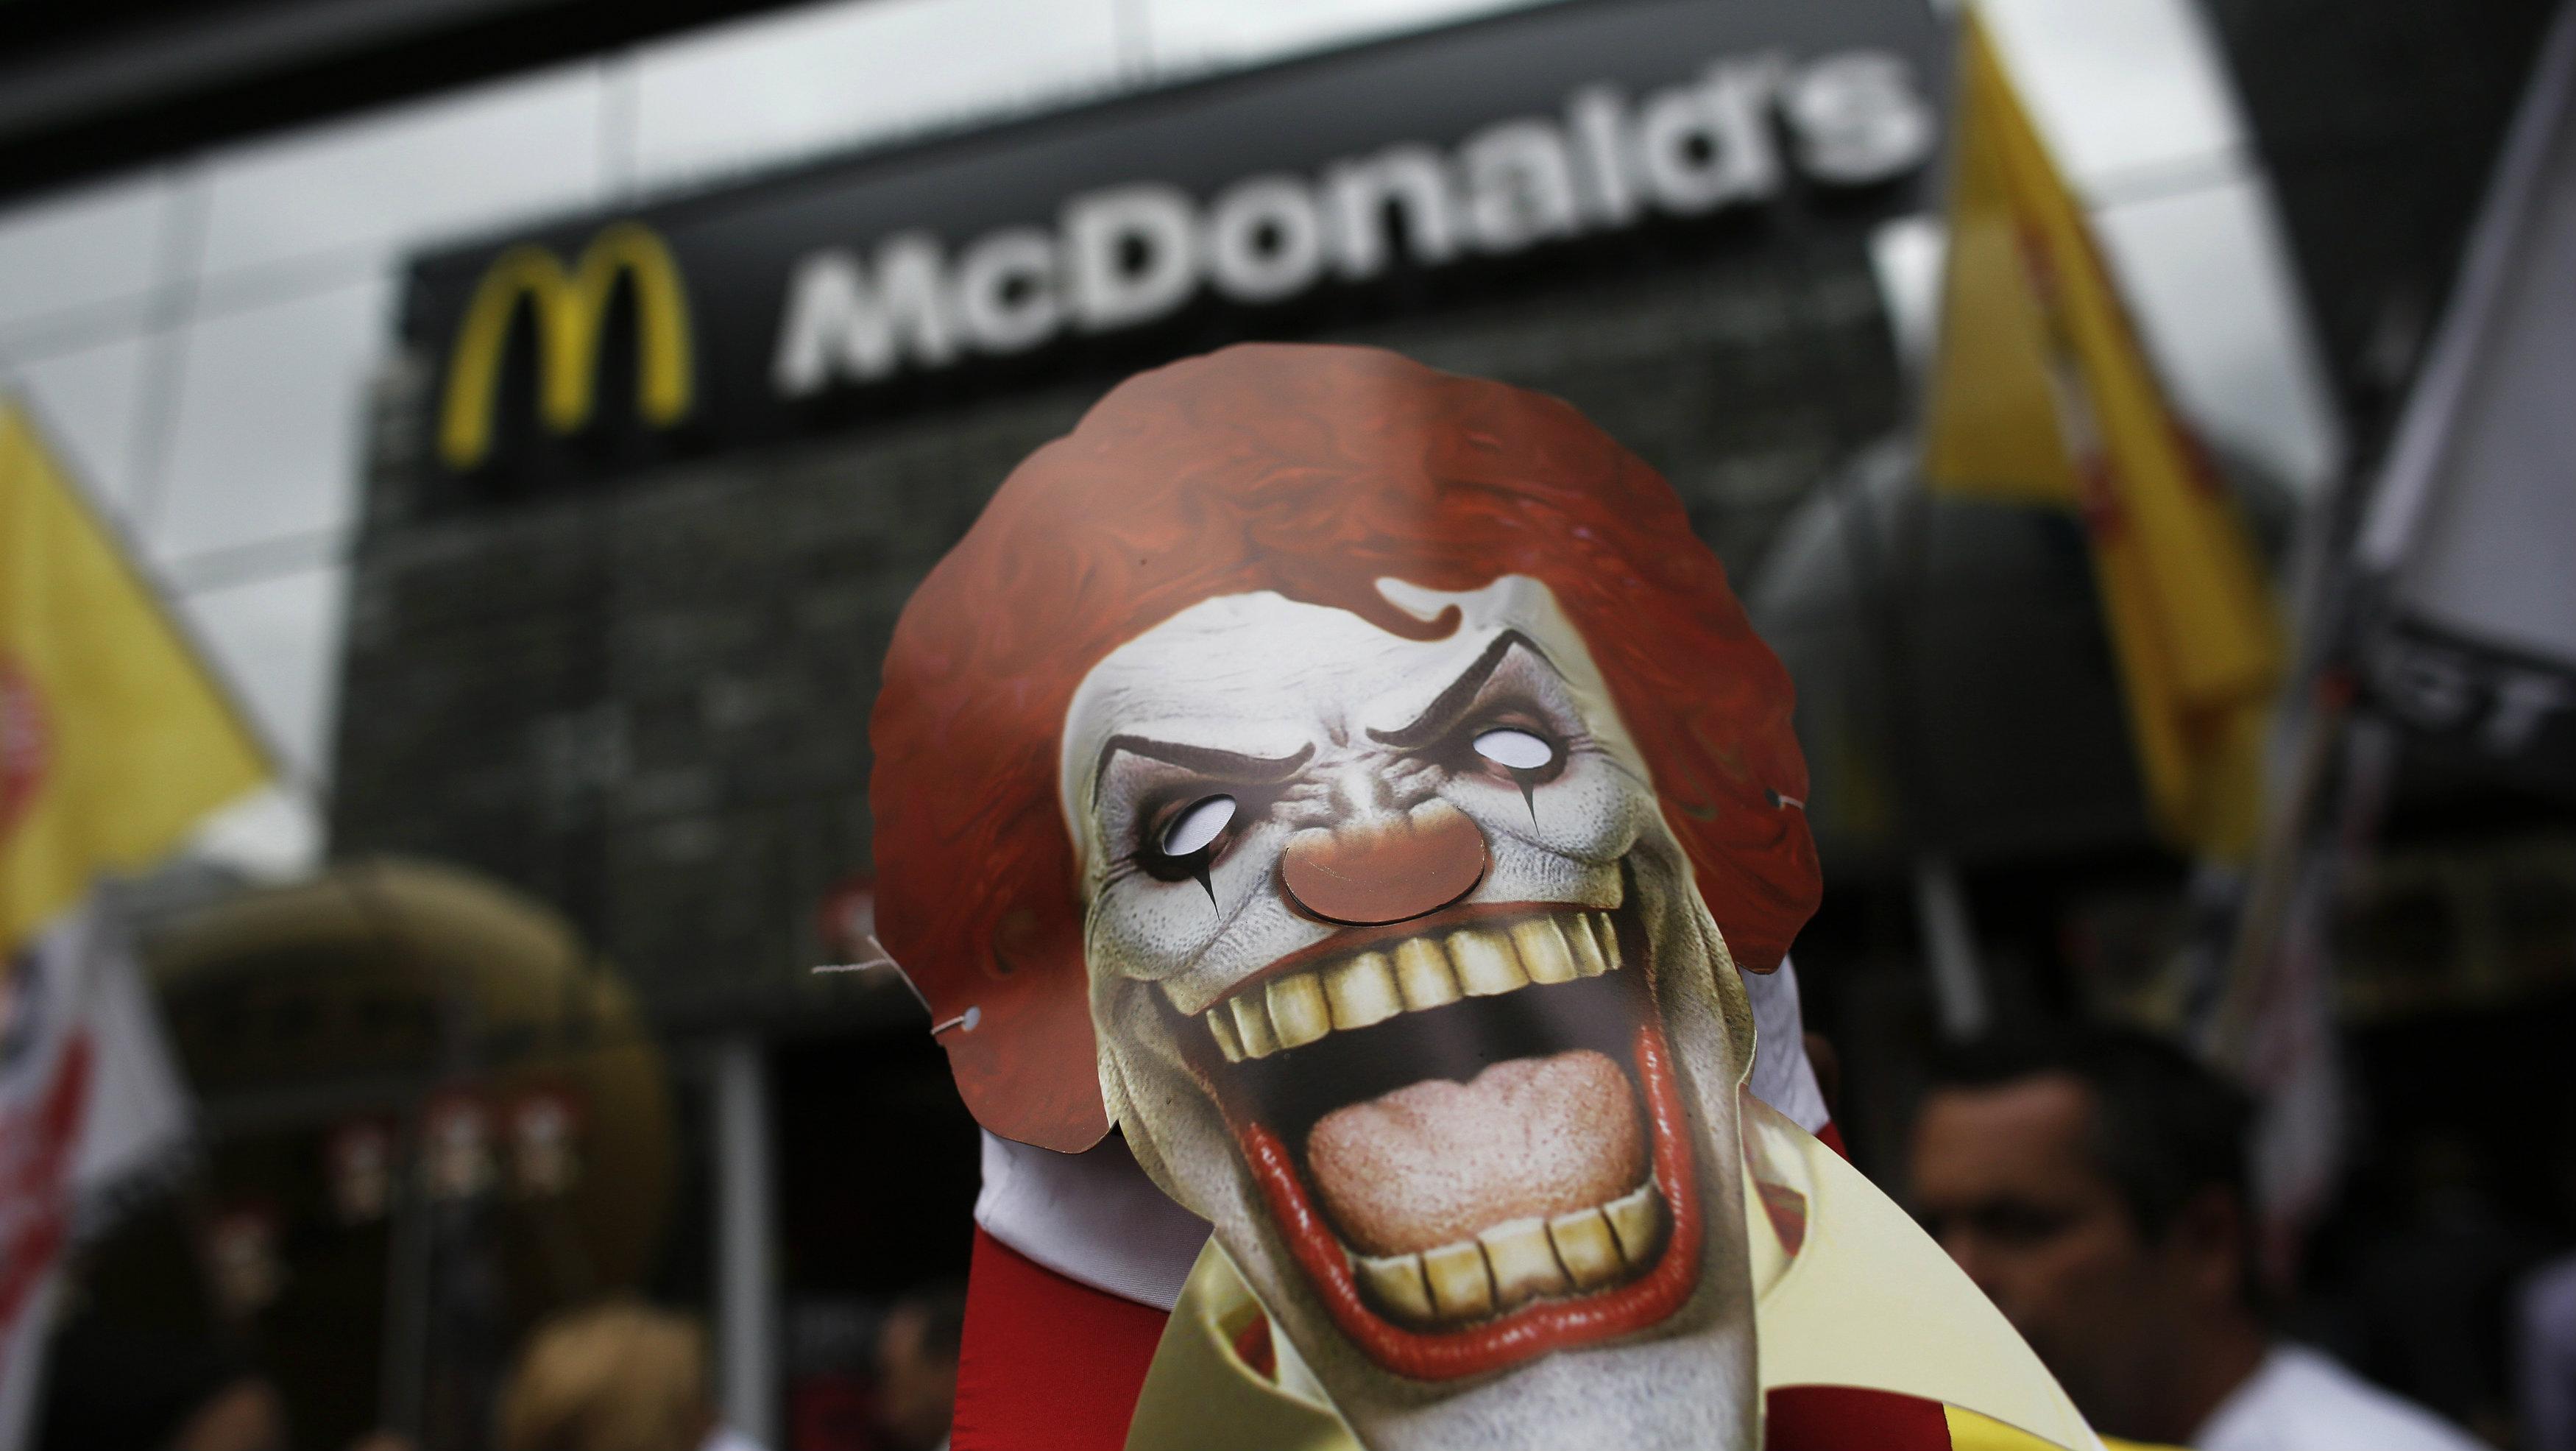 evil ronald mcdonald